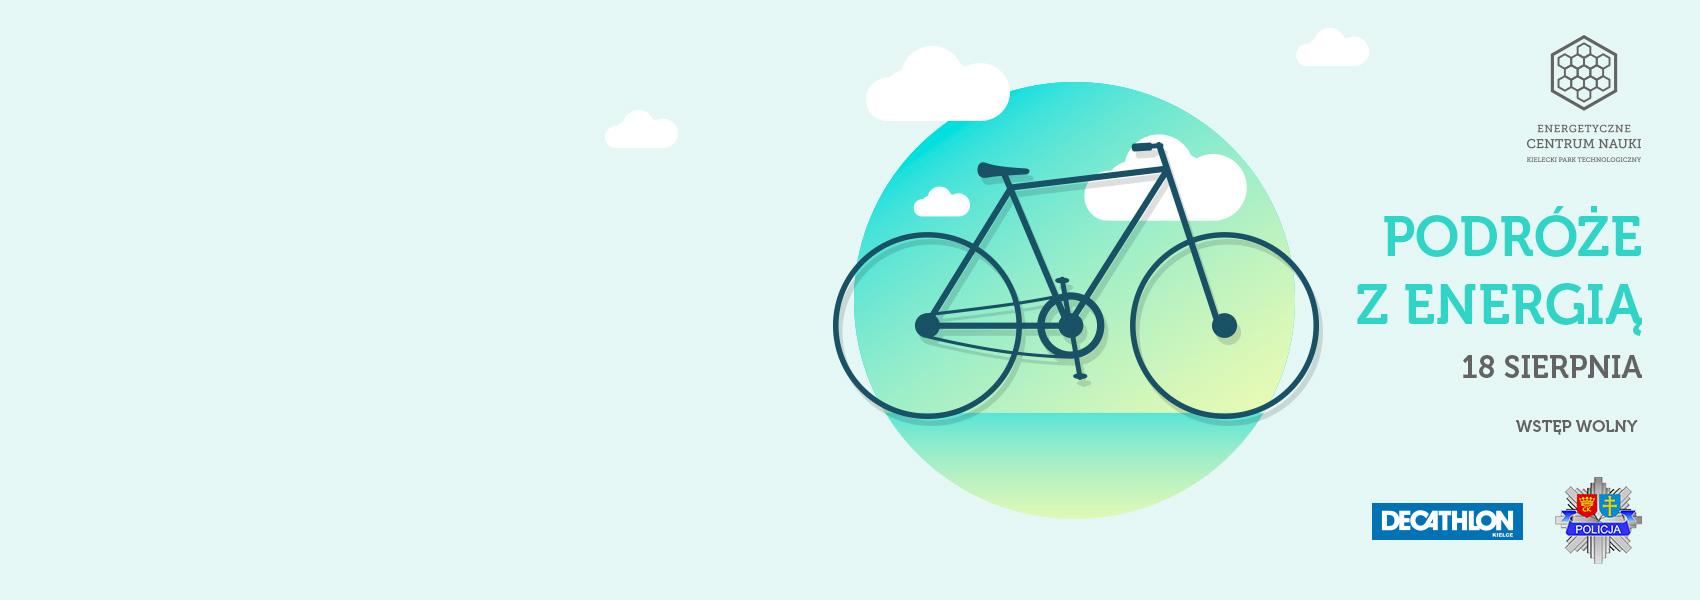 podroze_z_energia_rower_1700x600